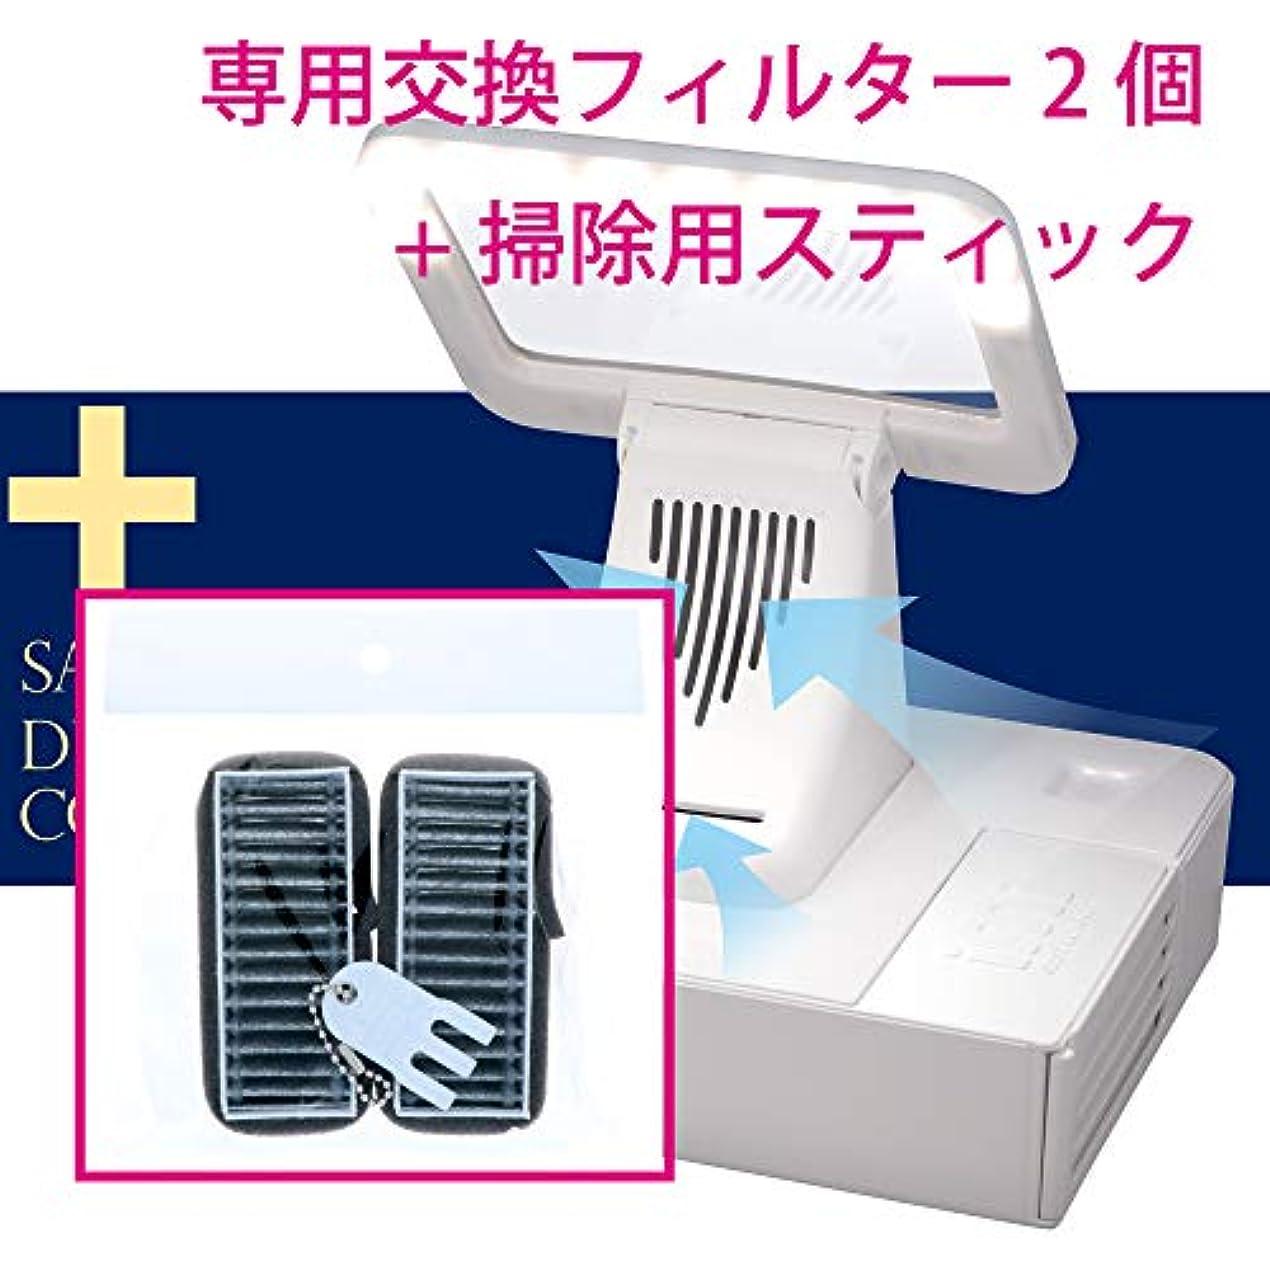 近代化検索発生器セーフガード用交換フィルター2個 SGD-3